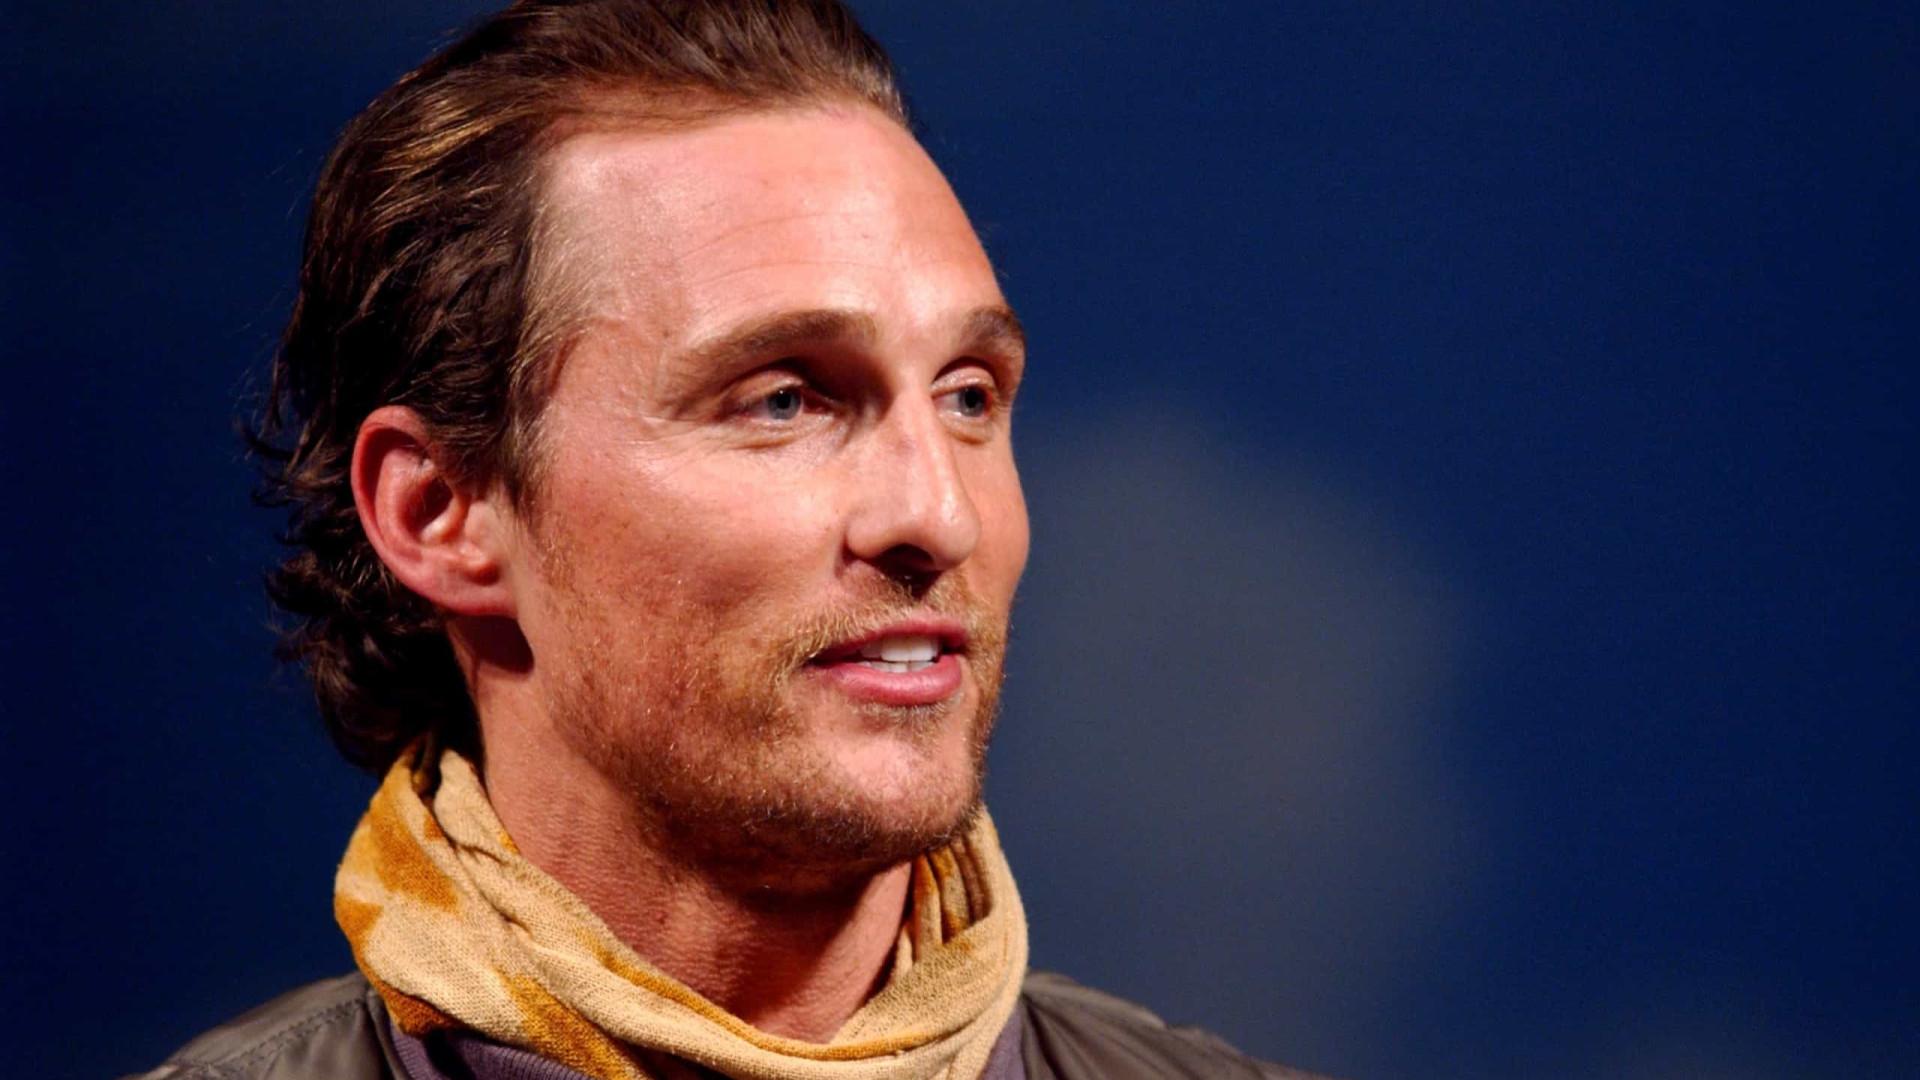 """Matthew McConaughey diz que foi """"chantageado para fazer sexo"""" aos 15 anos"""